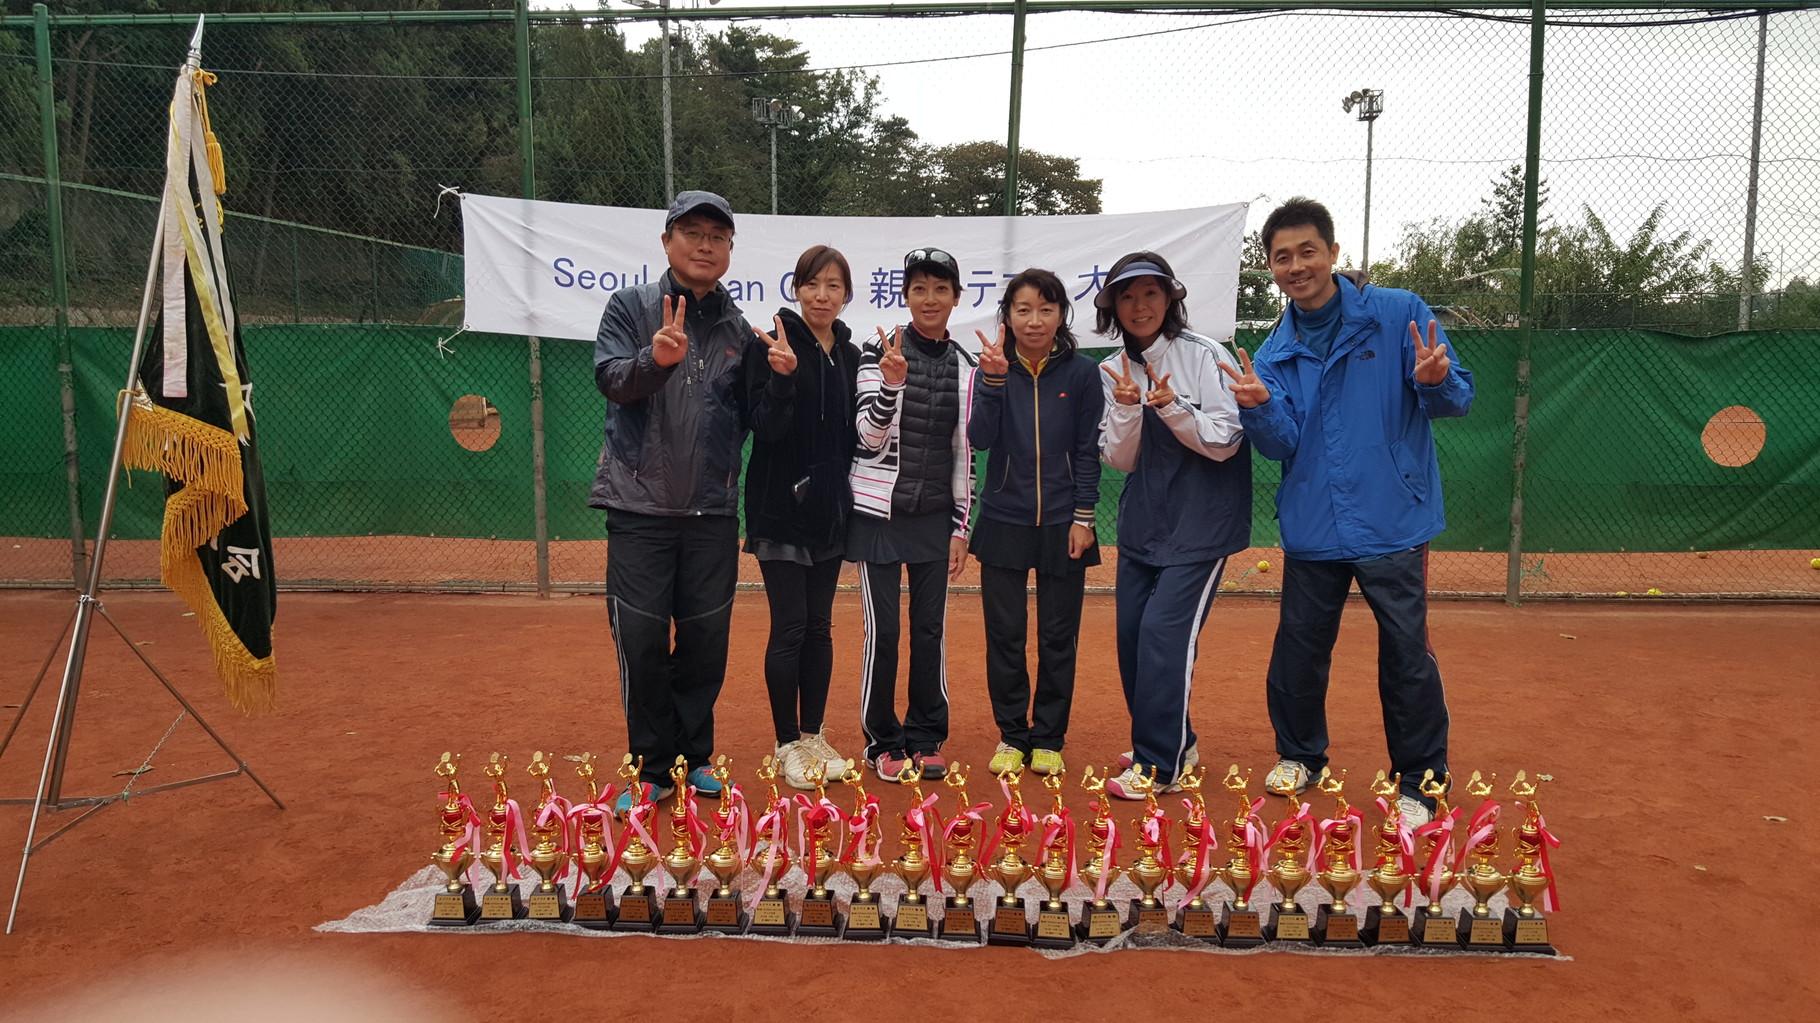 Cクラス・チームRafael 優勝おめでとうございます!